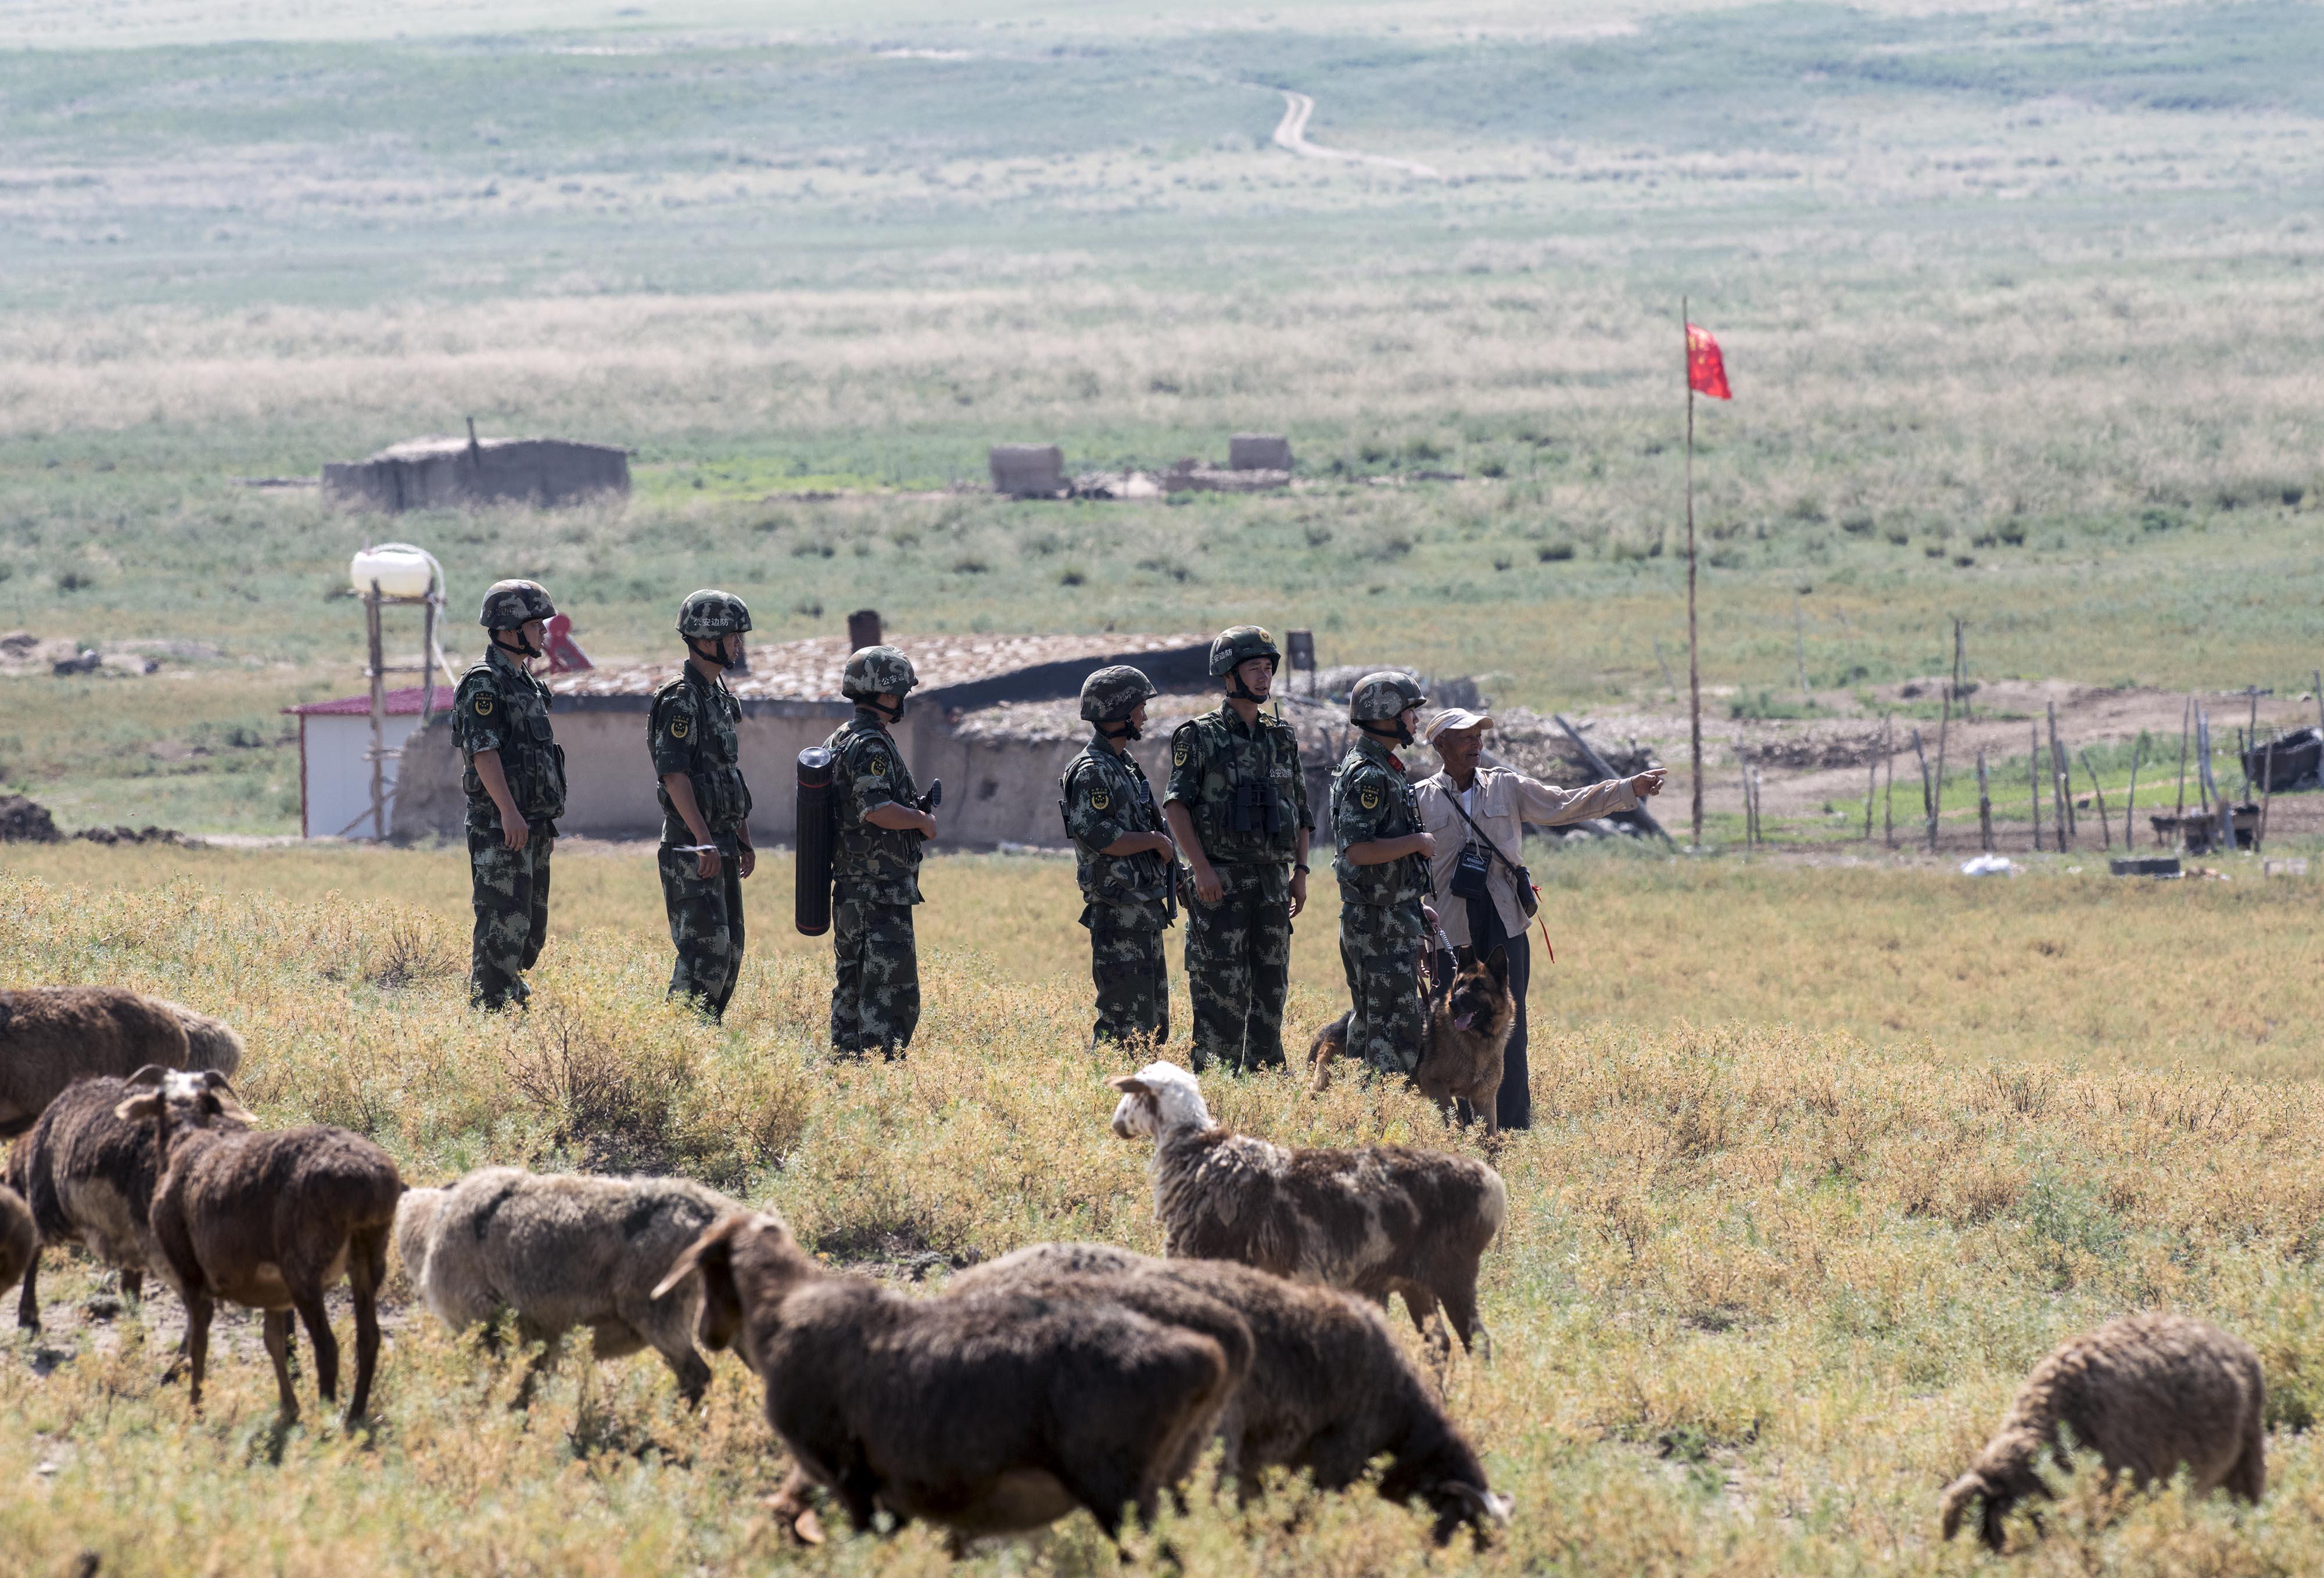 边防派出所的官兵巡逻至此和魏德友交谈(2016年7月24日摄)。新华社记者江文耀摄